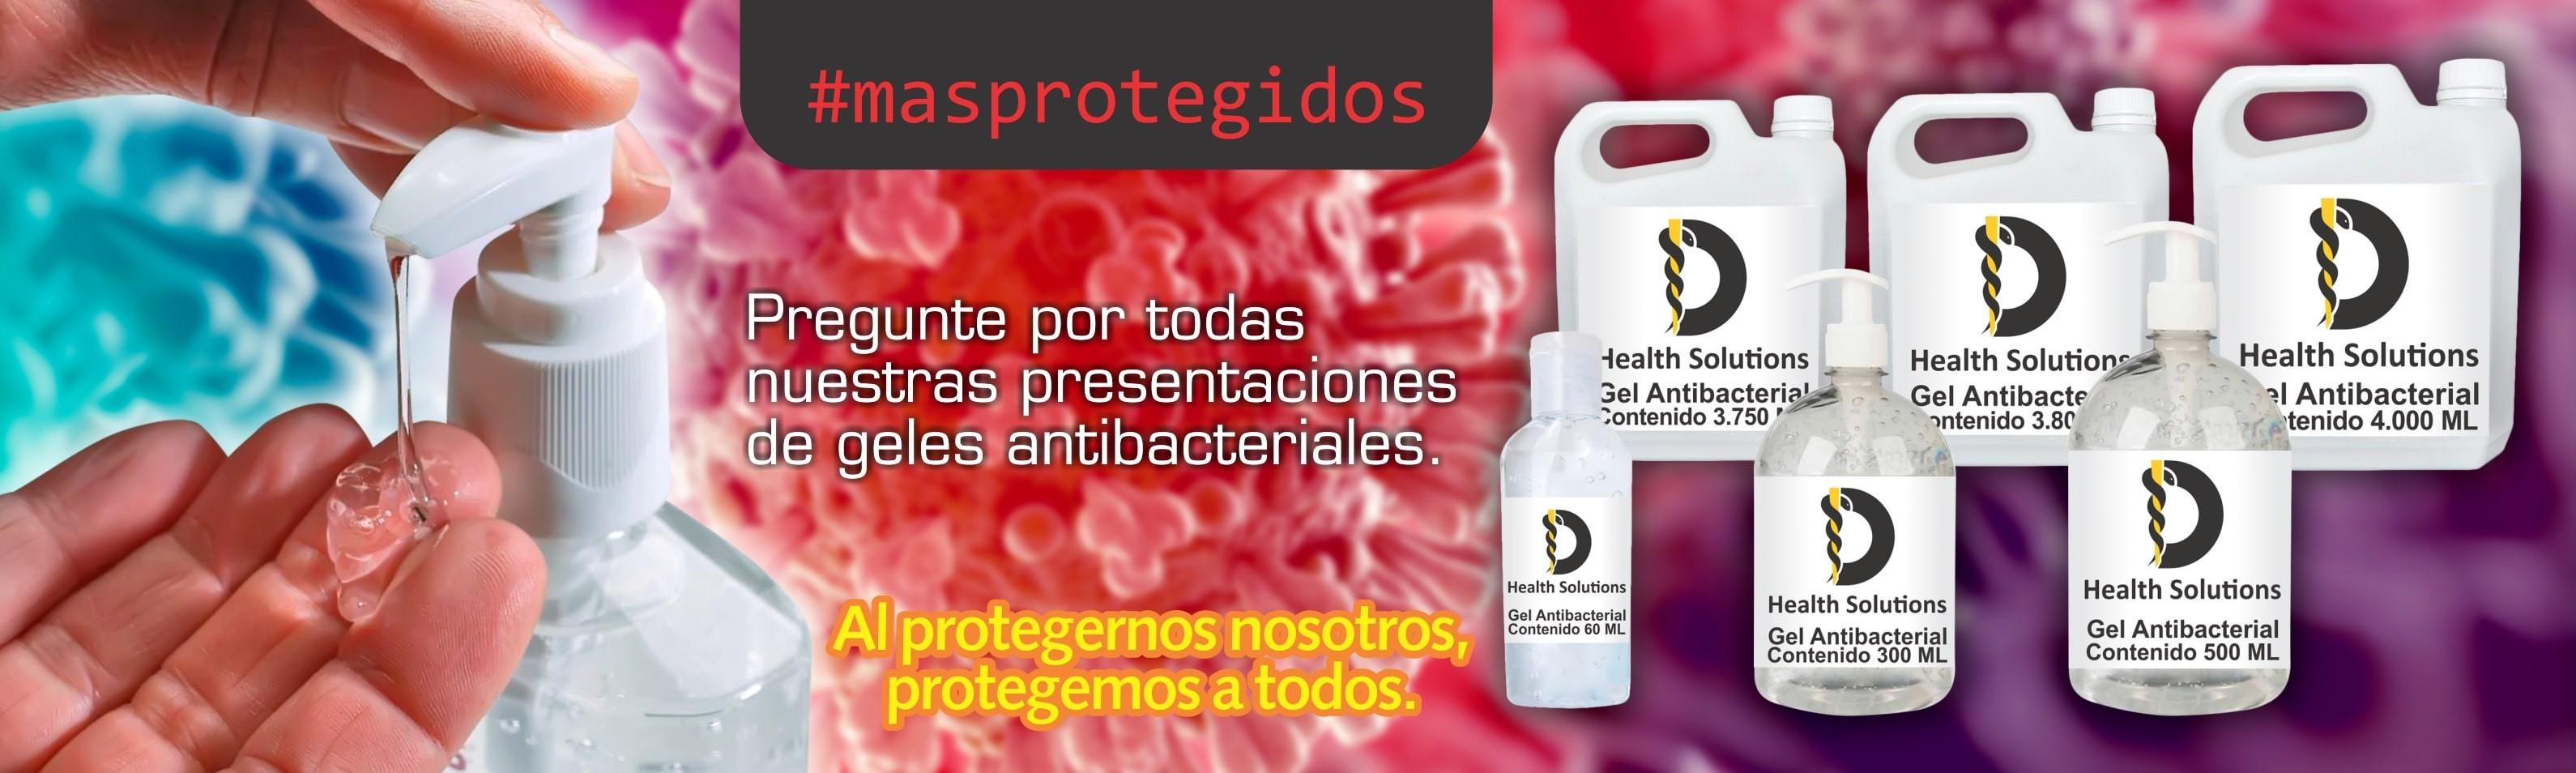 Venta de geles y jabones antibacteriales Helath Solutions contra COVID 19